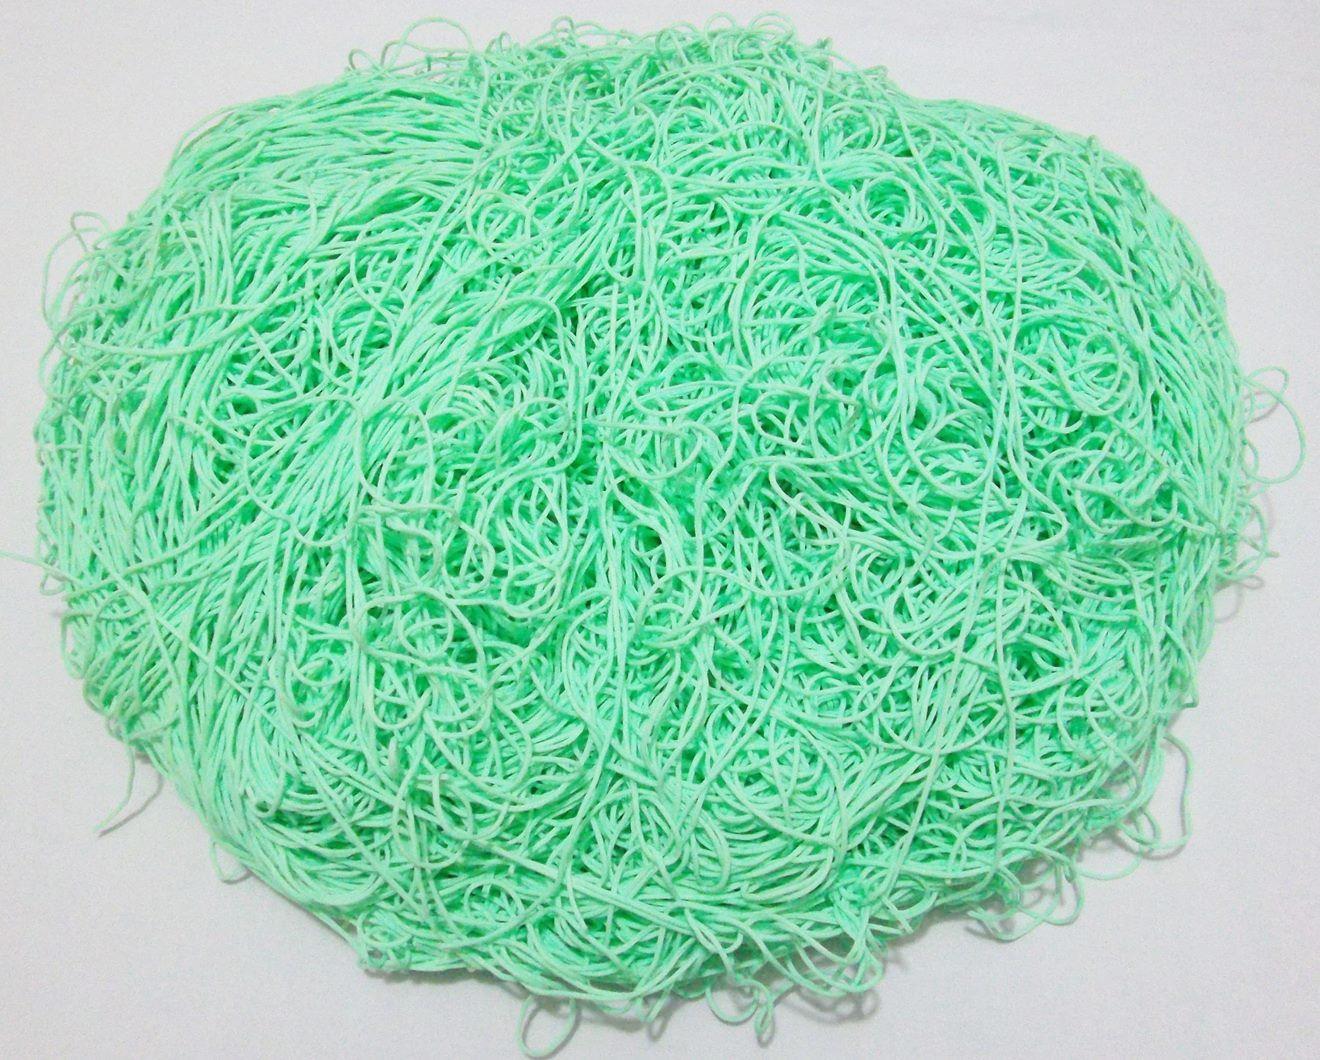 Tira de Macarrão/Espaguete 1.260g Verde Claro  - Bastex Artesanatos